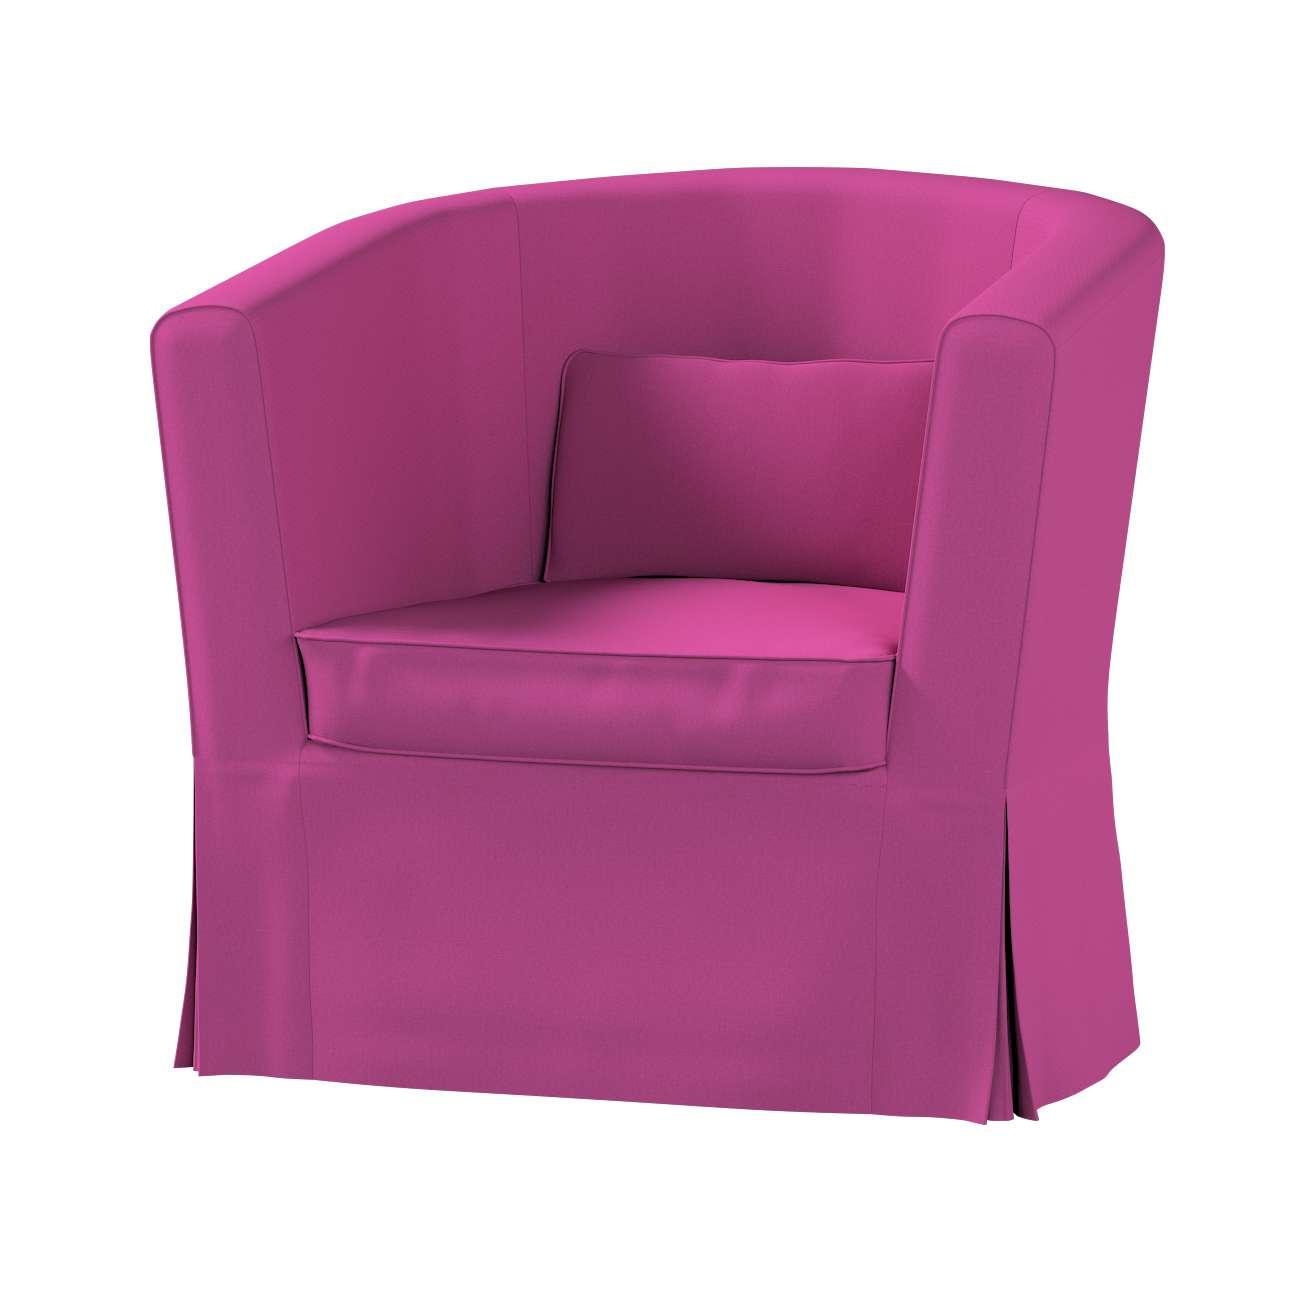 EKTORP TULLSTA fotelio užvalkalas Ektorp Tullsta fotelio užvalkalas kolekcijoje Etna , audinys: 705-23